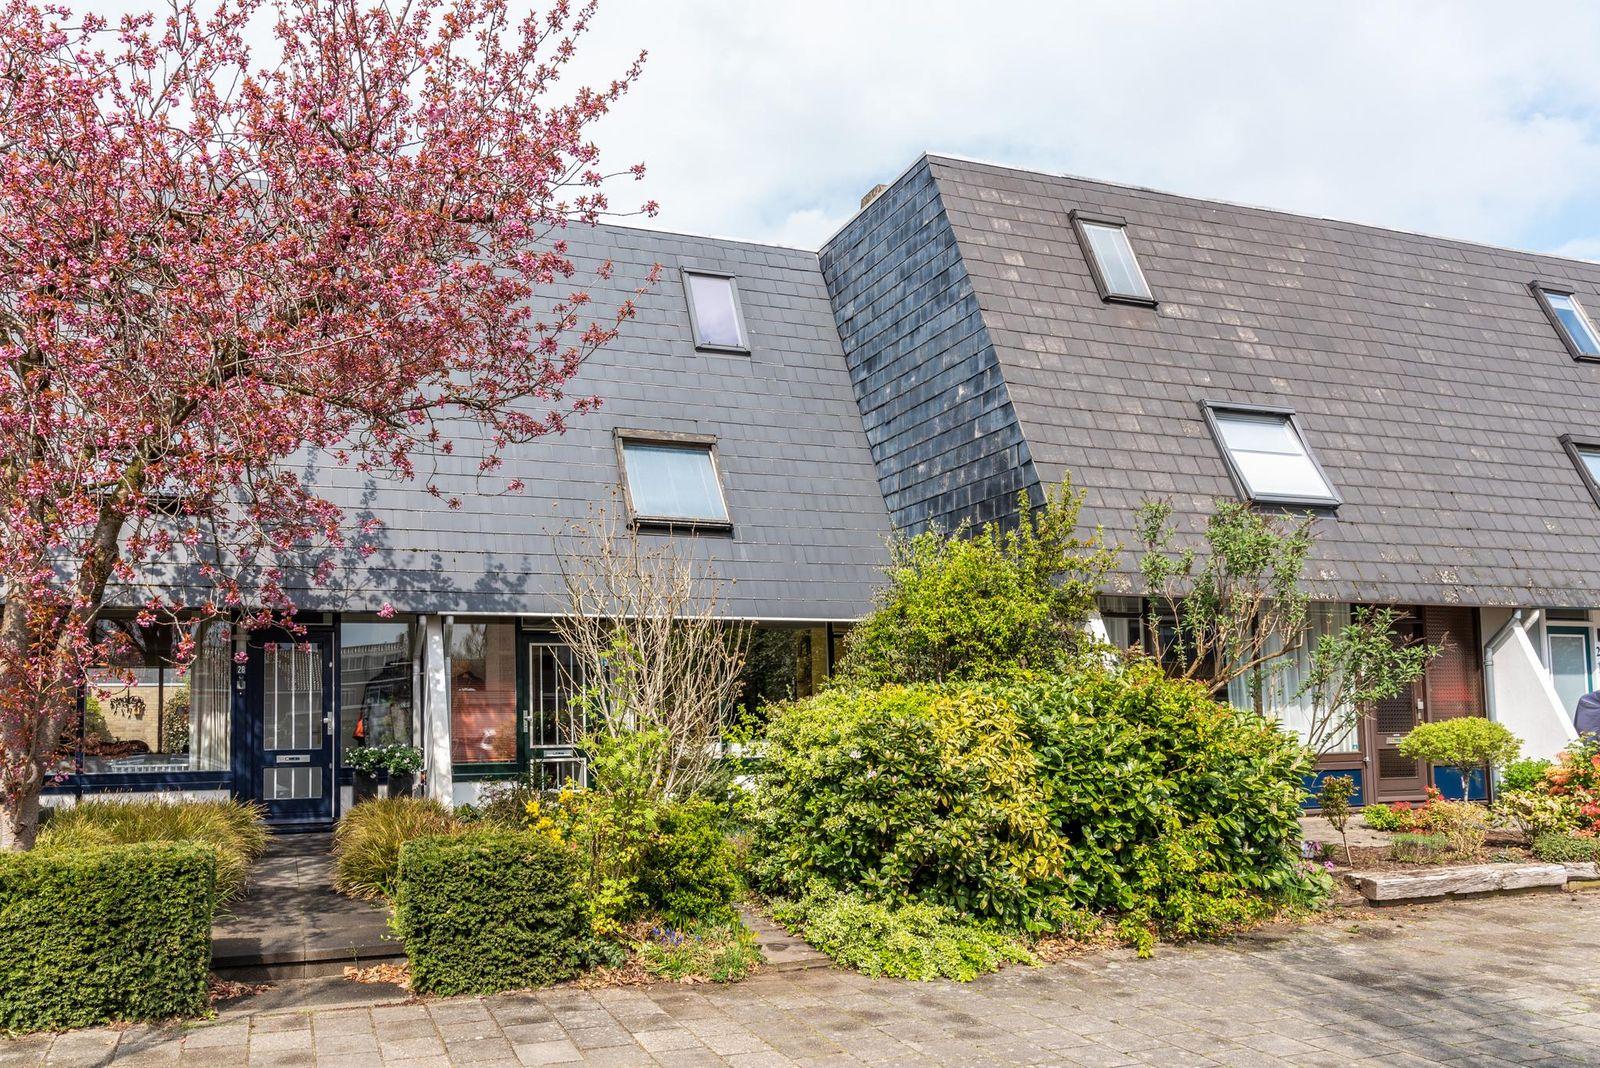 Kameelstraat 26, Nijmegen